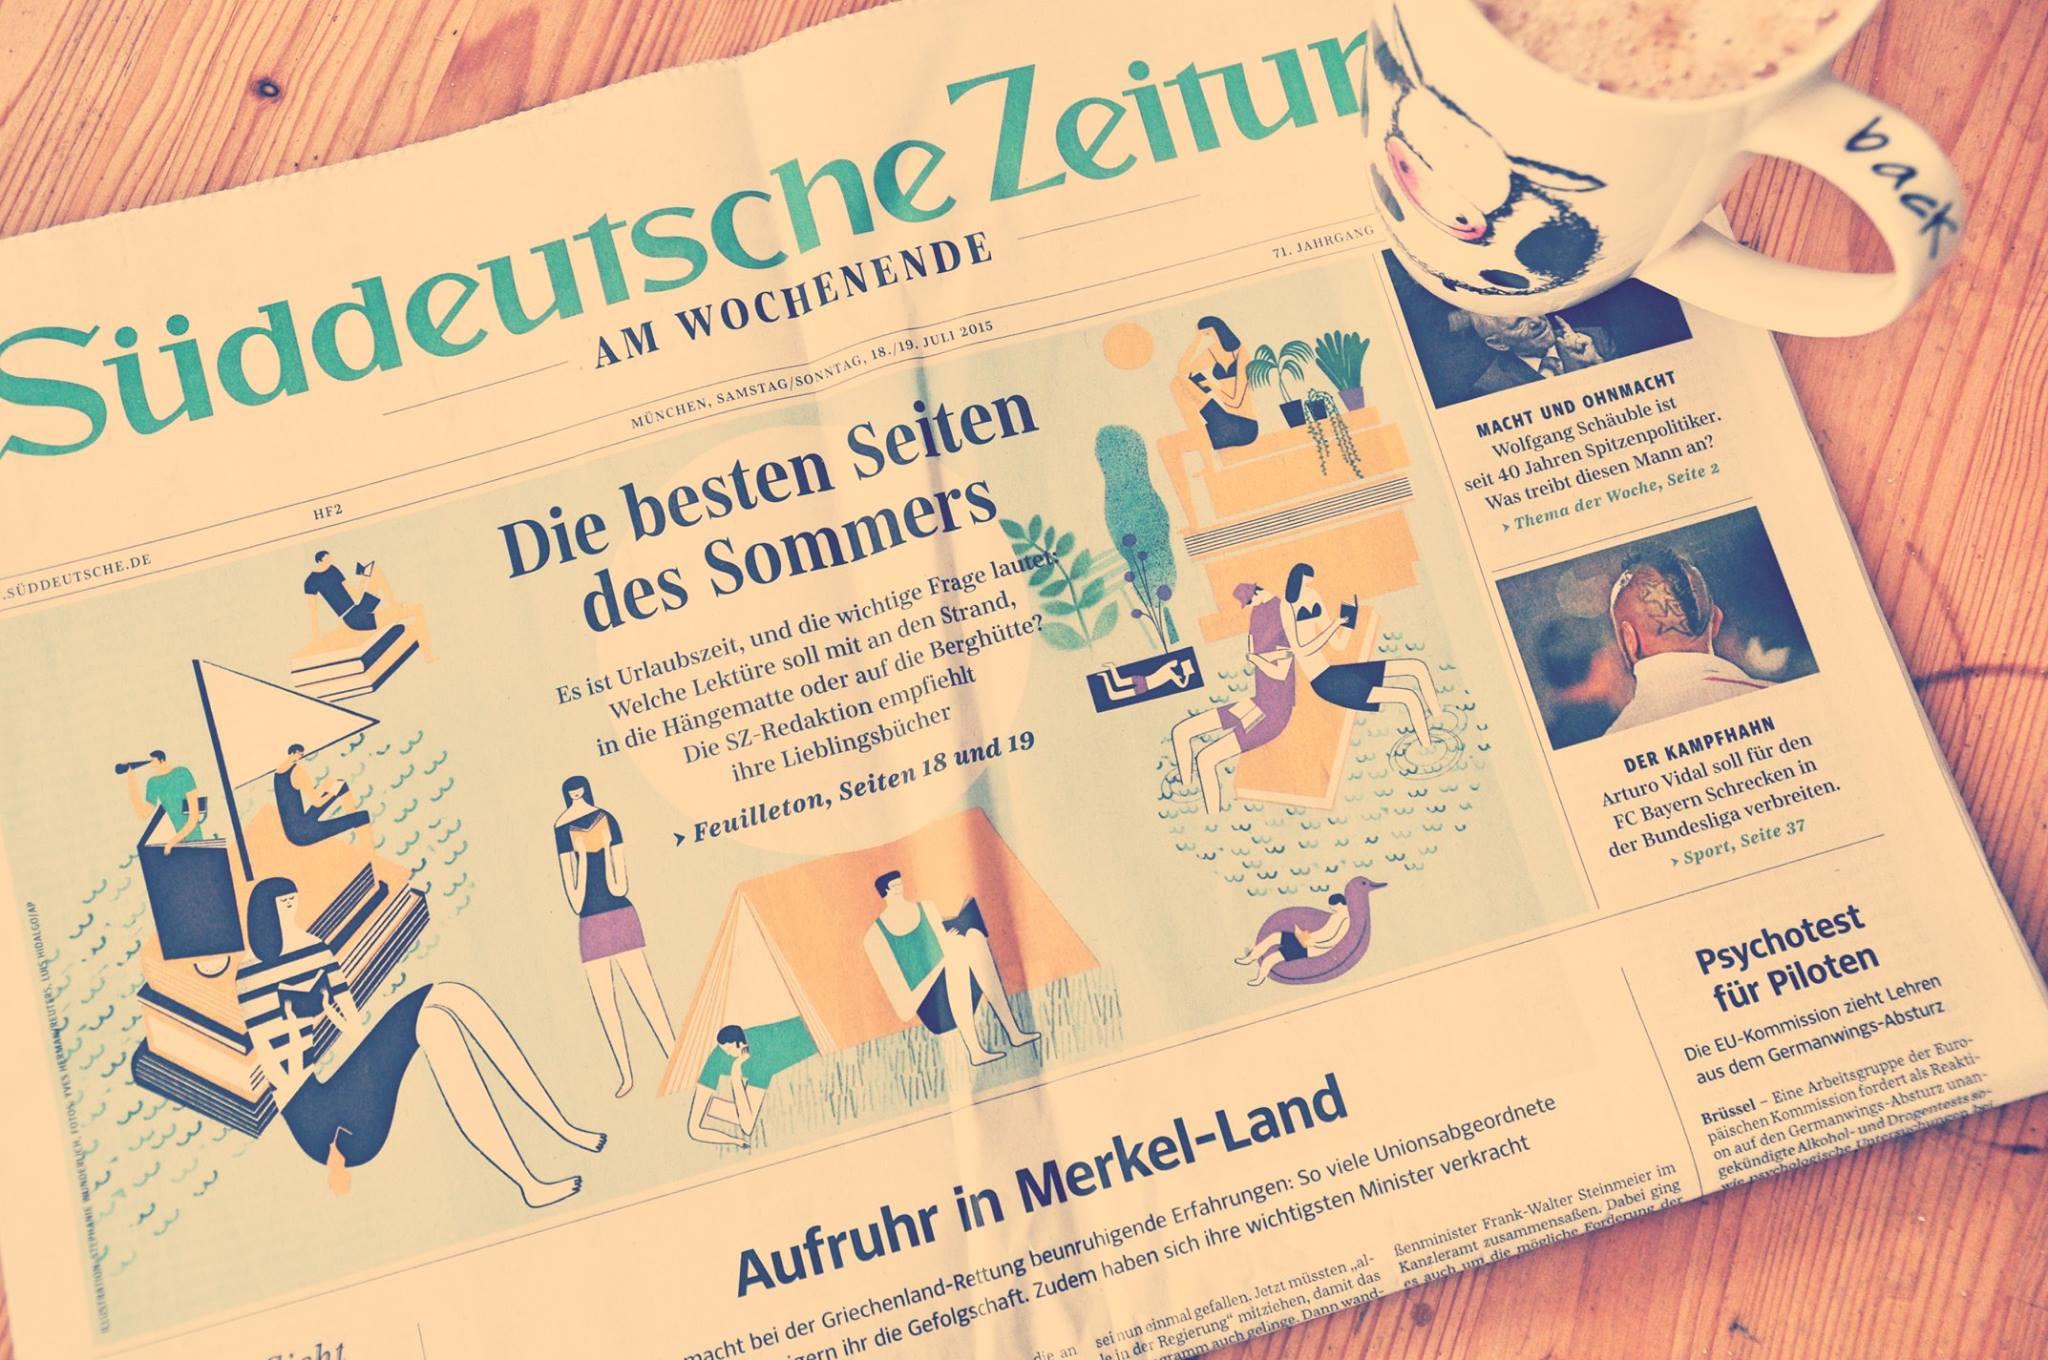 Buzzaldrins-Bücher-Süddeutsche-Zeitung-empfiehlt-die-besten-Seiten-des-Sommers